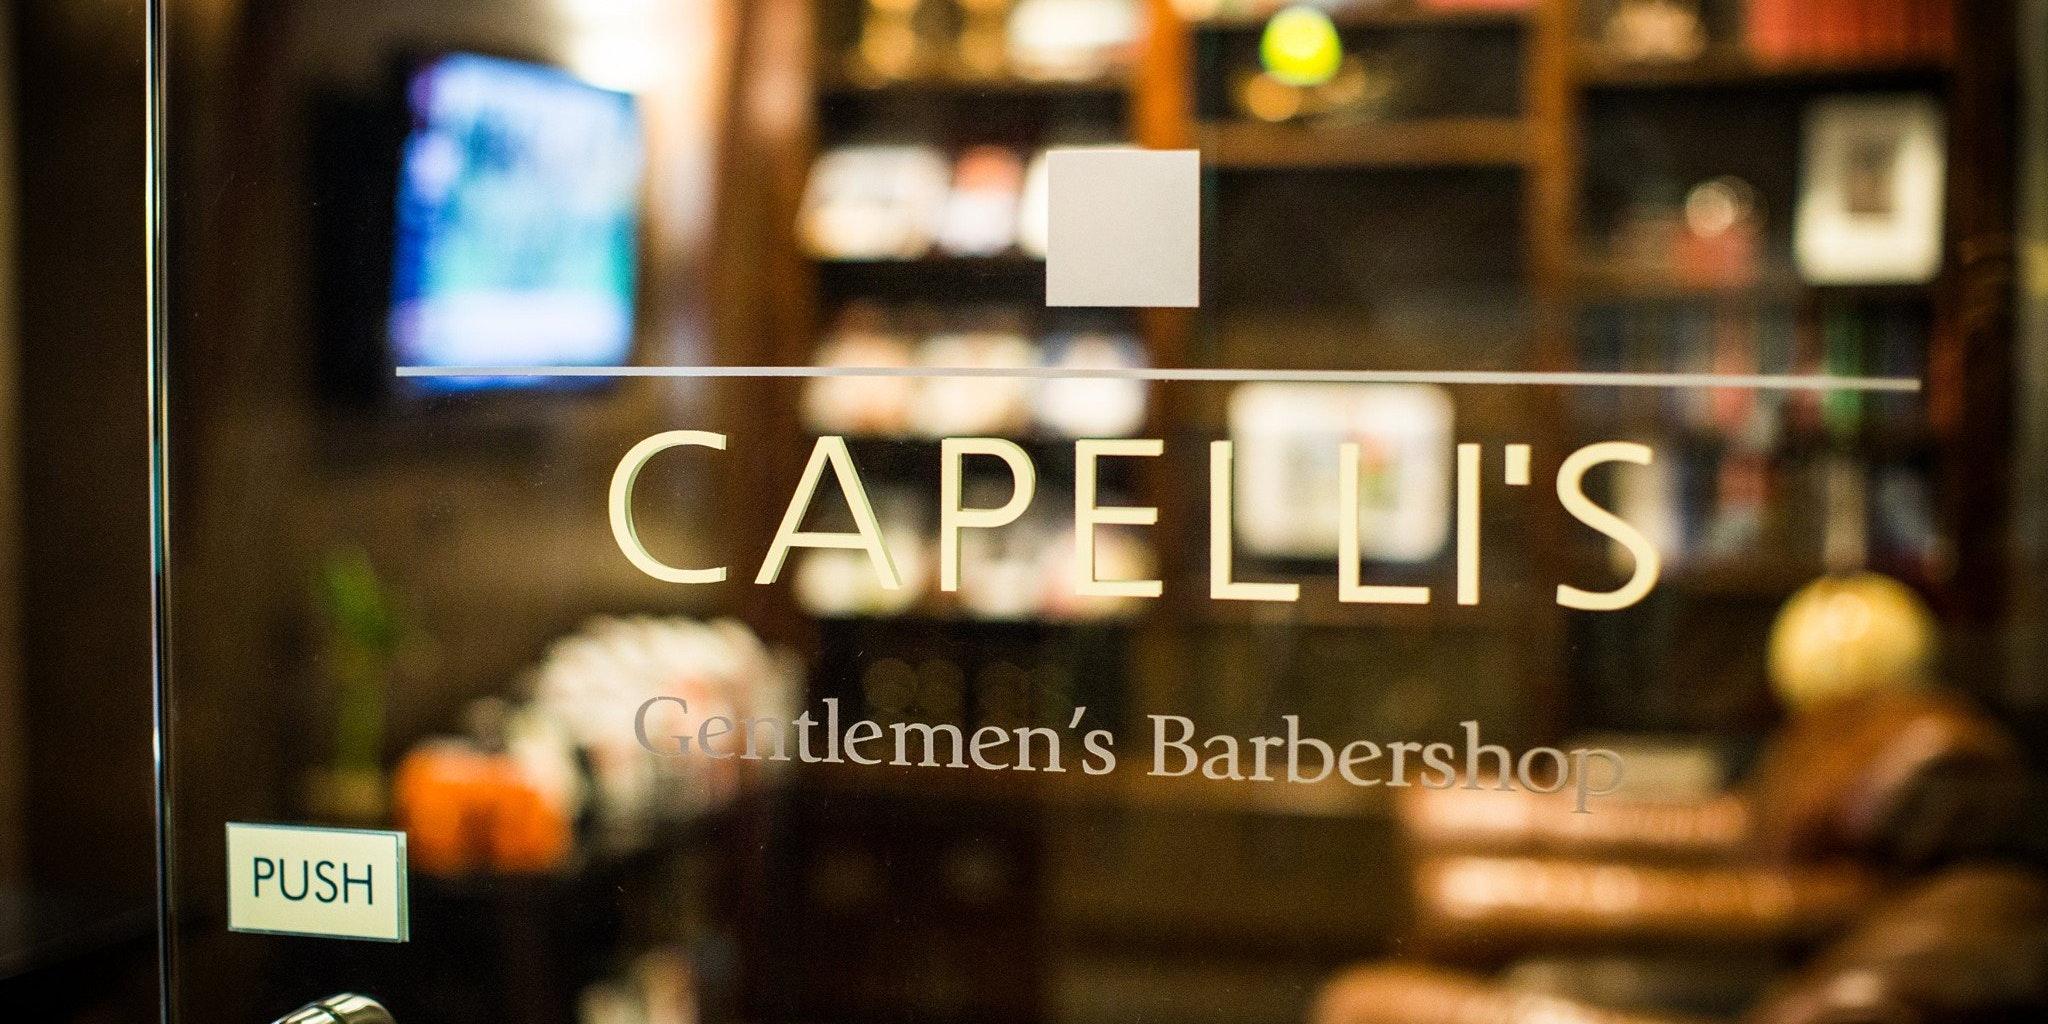 Capelli's Gentlemen's Barbershop - 4th & Madison